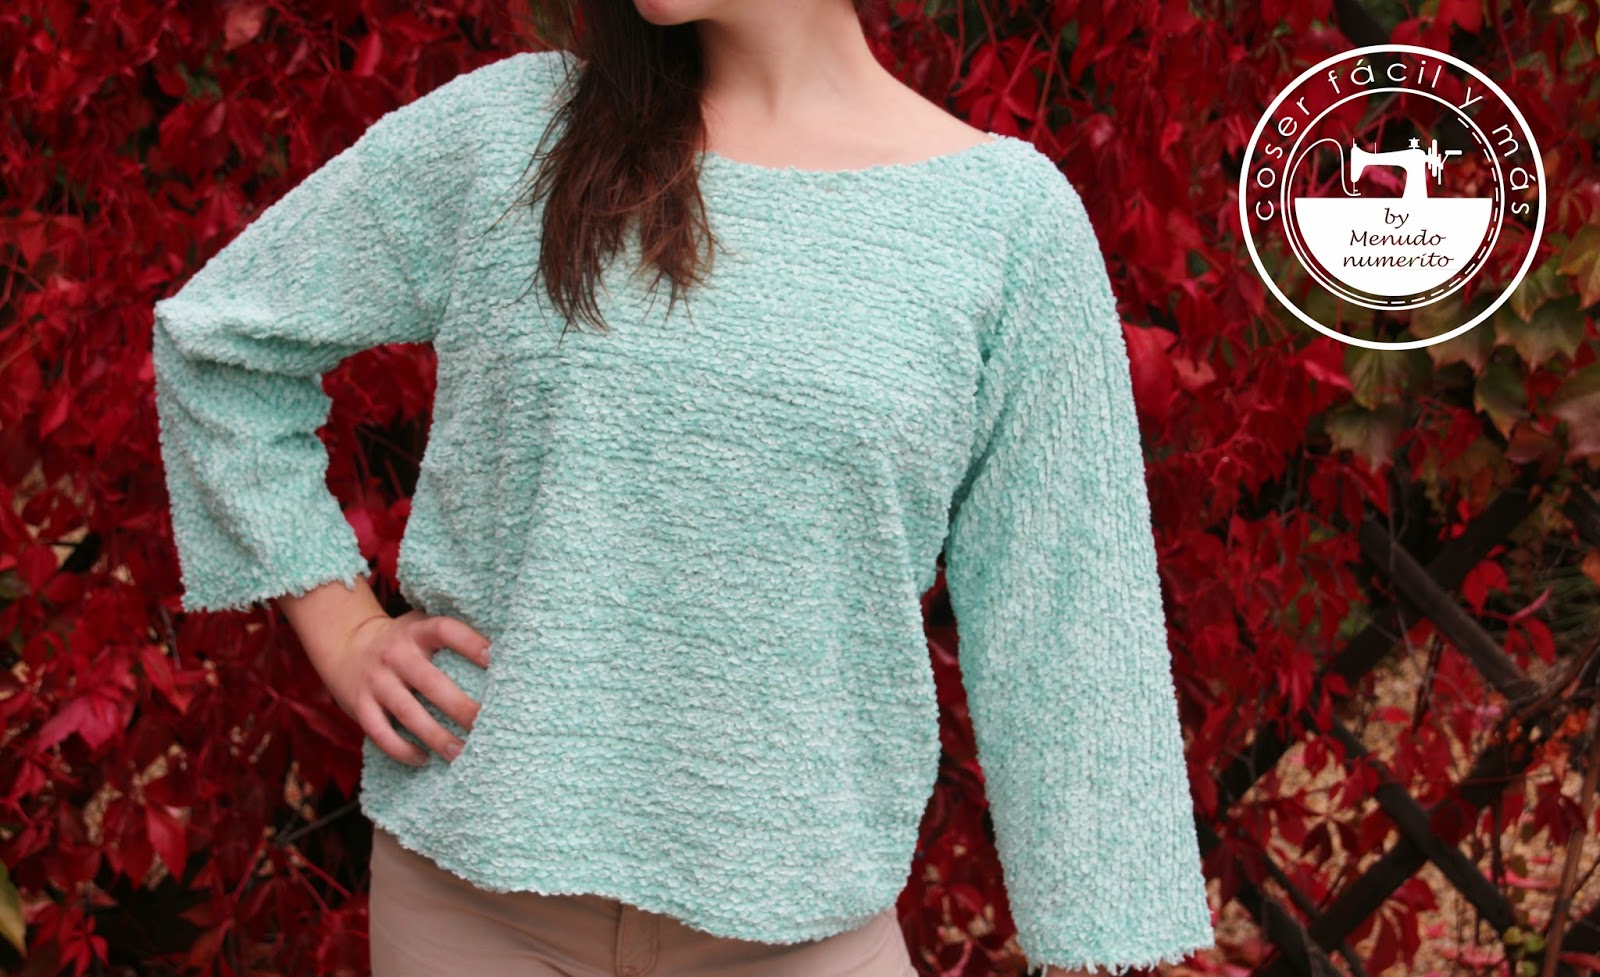 Como hacer un jersey o suéter sin patrones - Handbox Craft Lovers ...